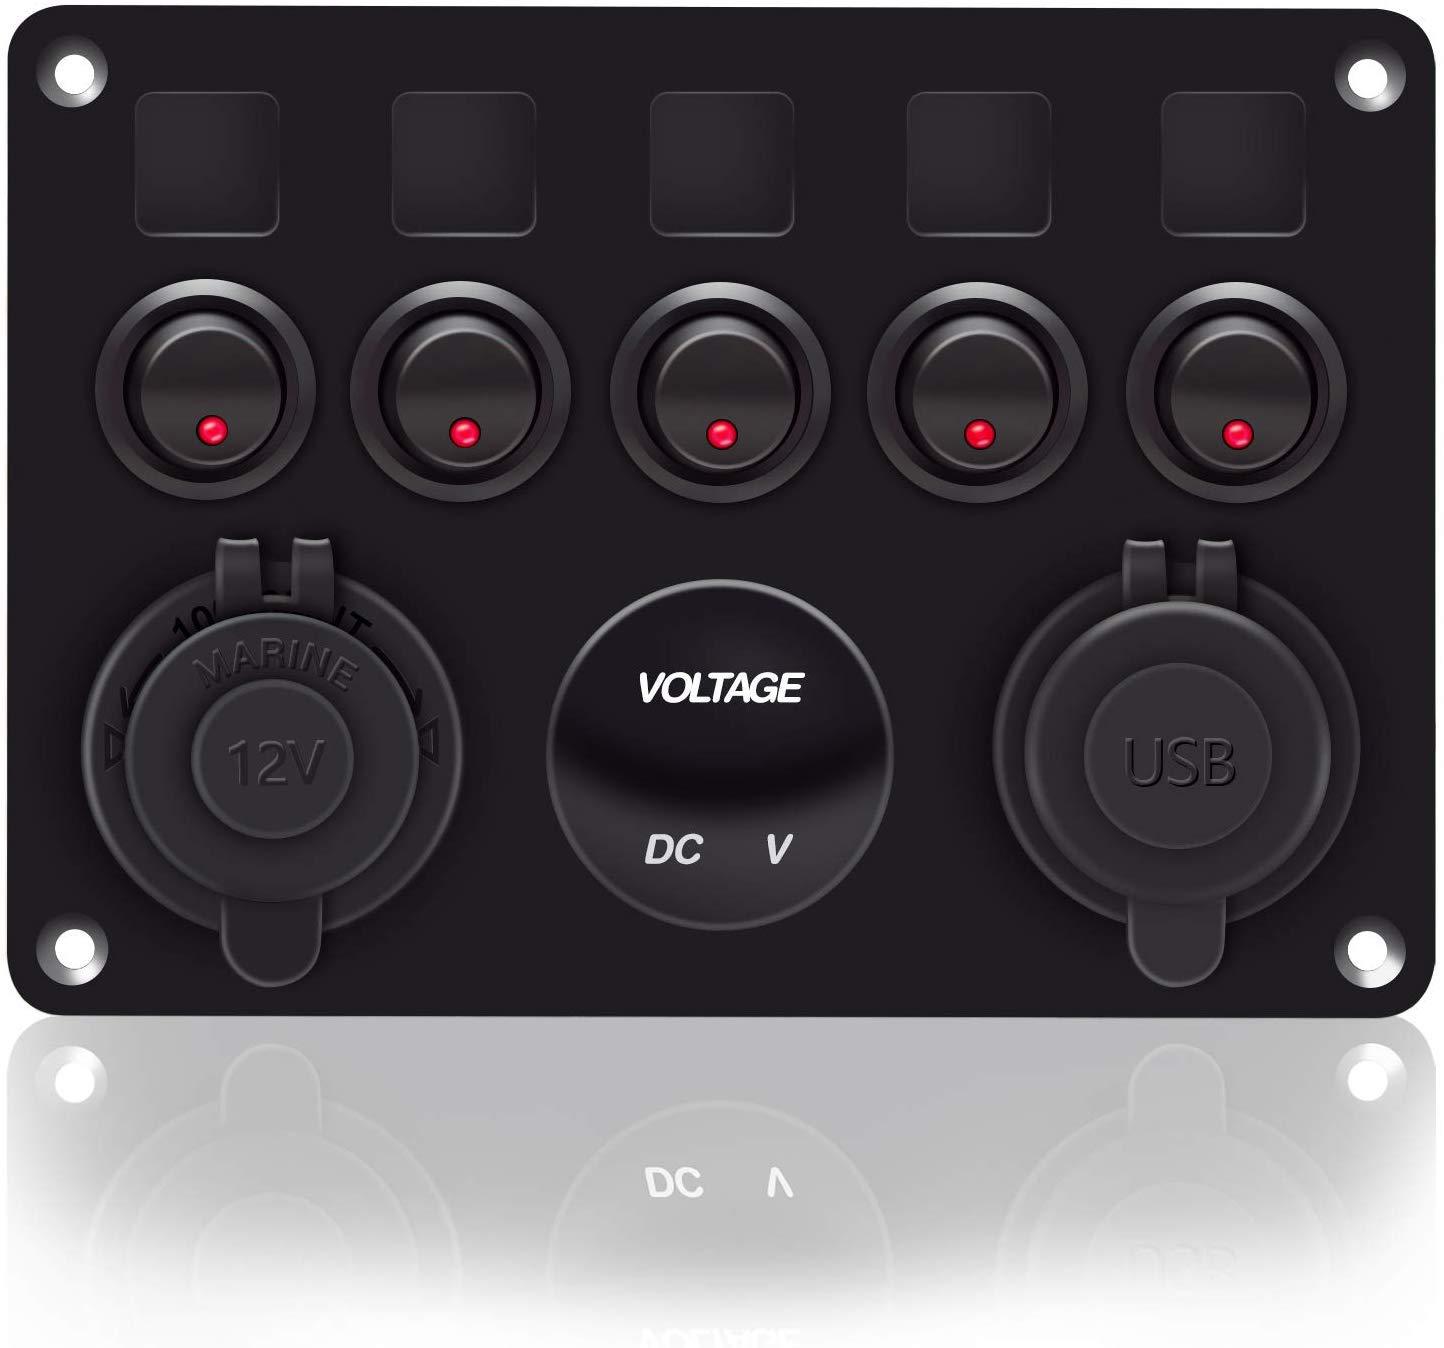 5B rosso voltmetro per veicoli nautici camper veicoli camion 12-24V LED blu impermeabile Pannello interruttori a bilanciere a 5 bande con doppia presa USB 5V 4.2A accendisigari